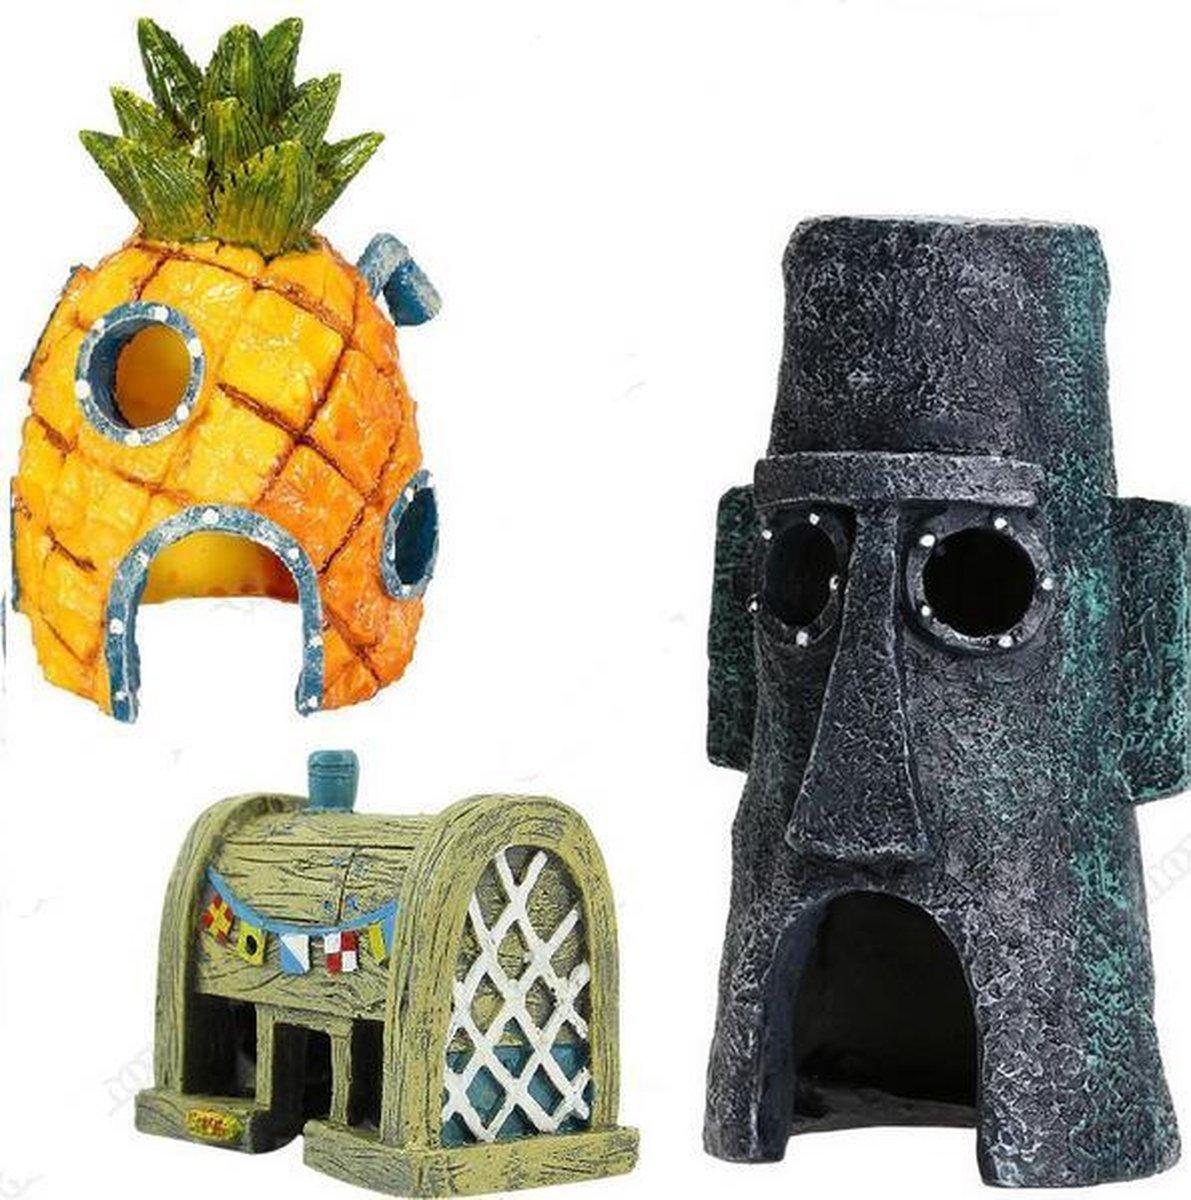 Spongebob Aquarium Decoratie - Set Van 3 - 13 cm